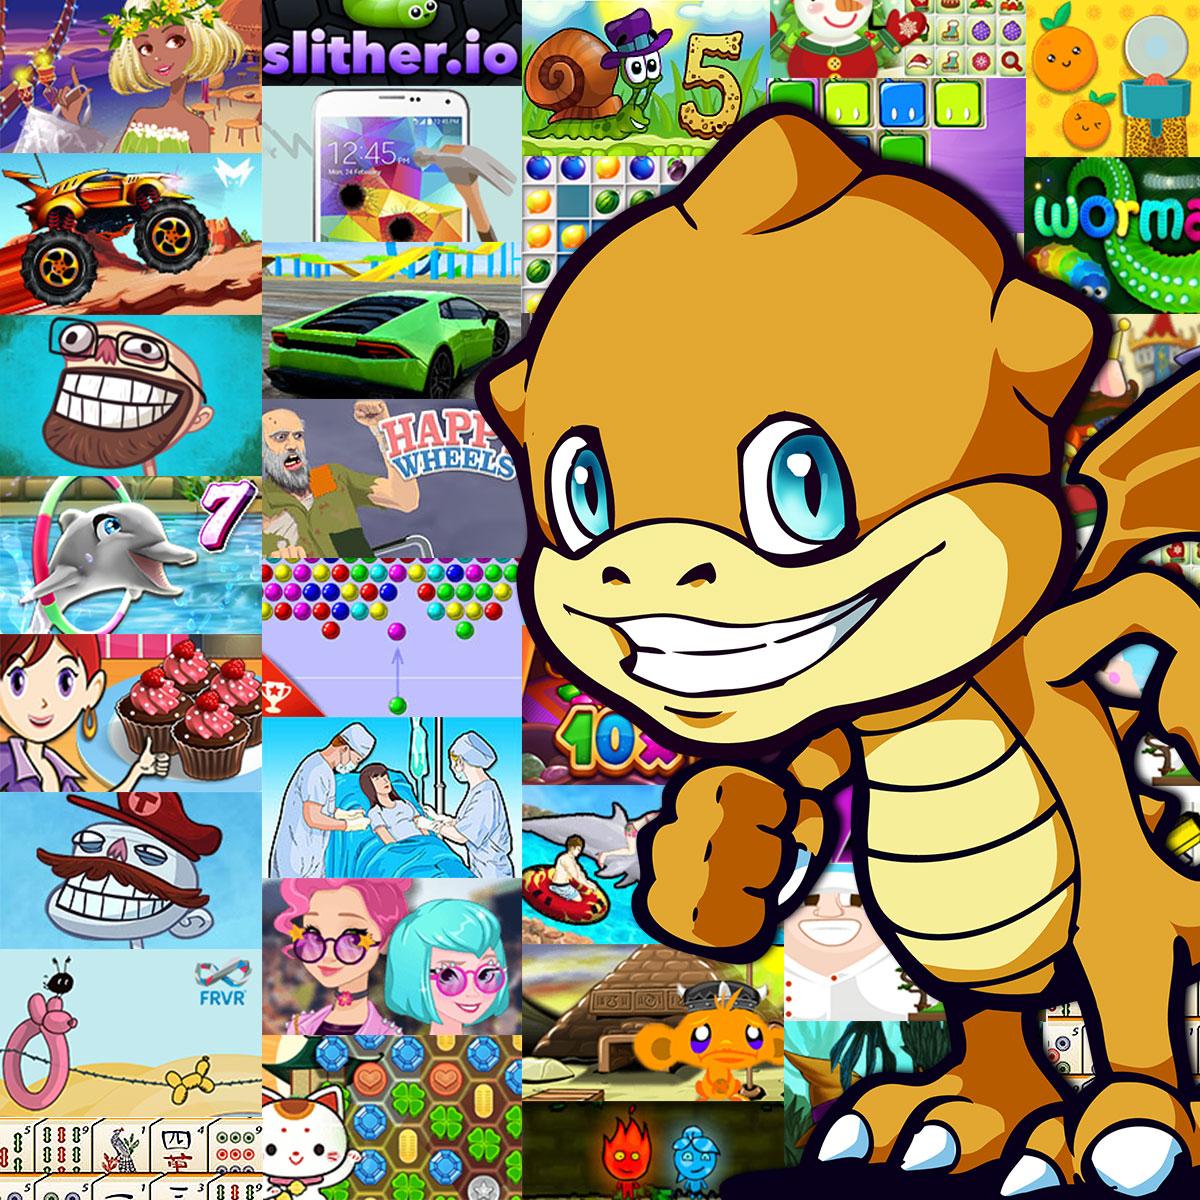 En juegos.com podemos encontrar gran variedad de juegos, entre ellos, juegos de carros.